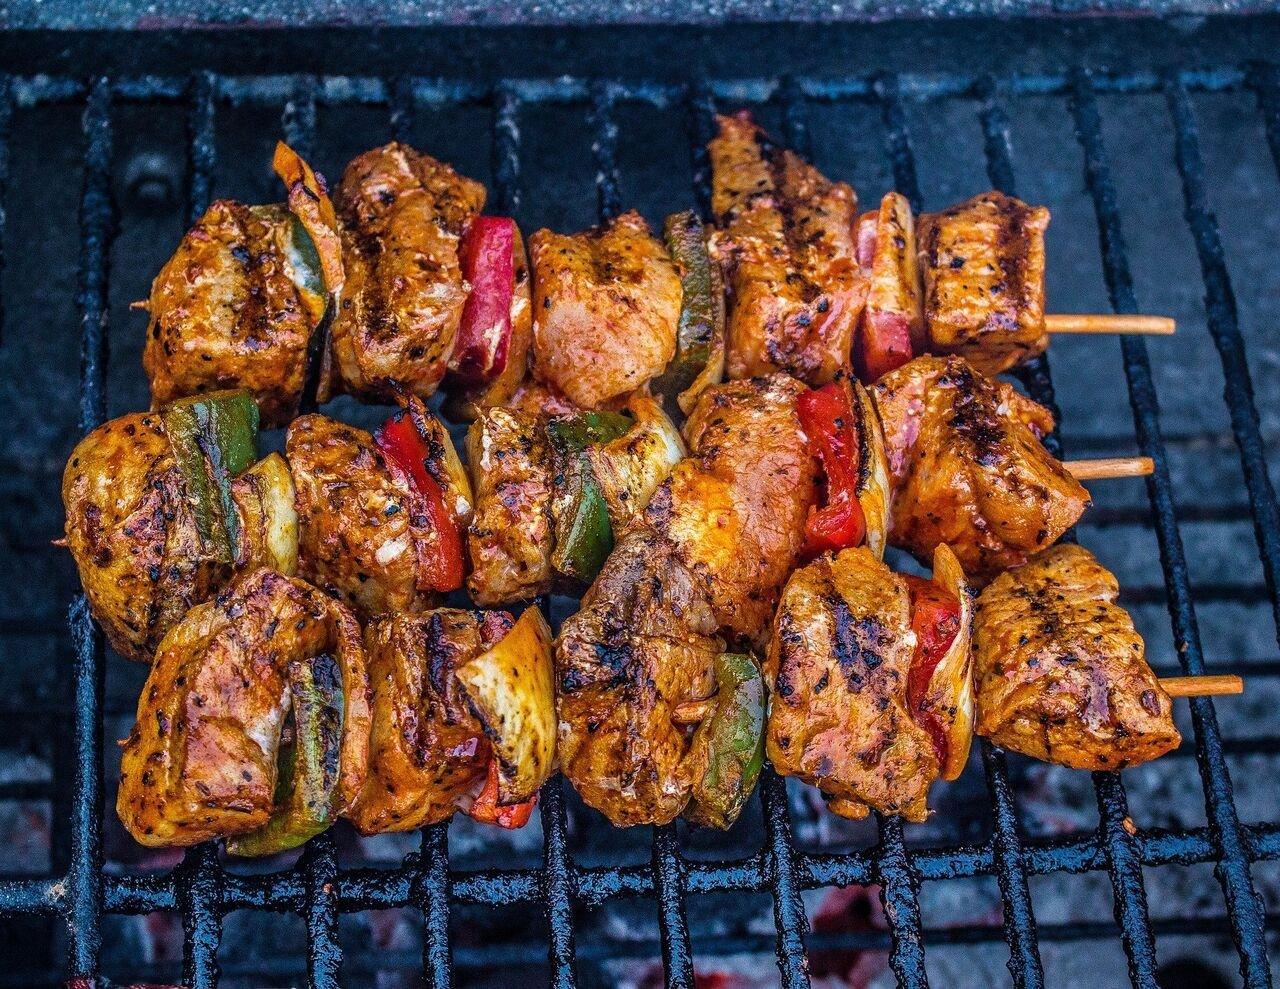 Auf einem Grill liegen drei Spiese mit Fleisch und Gemüse.